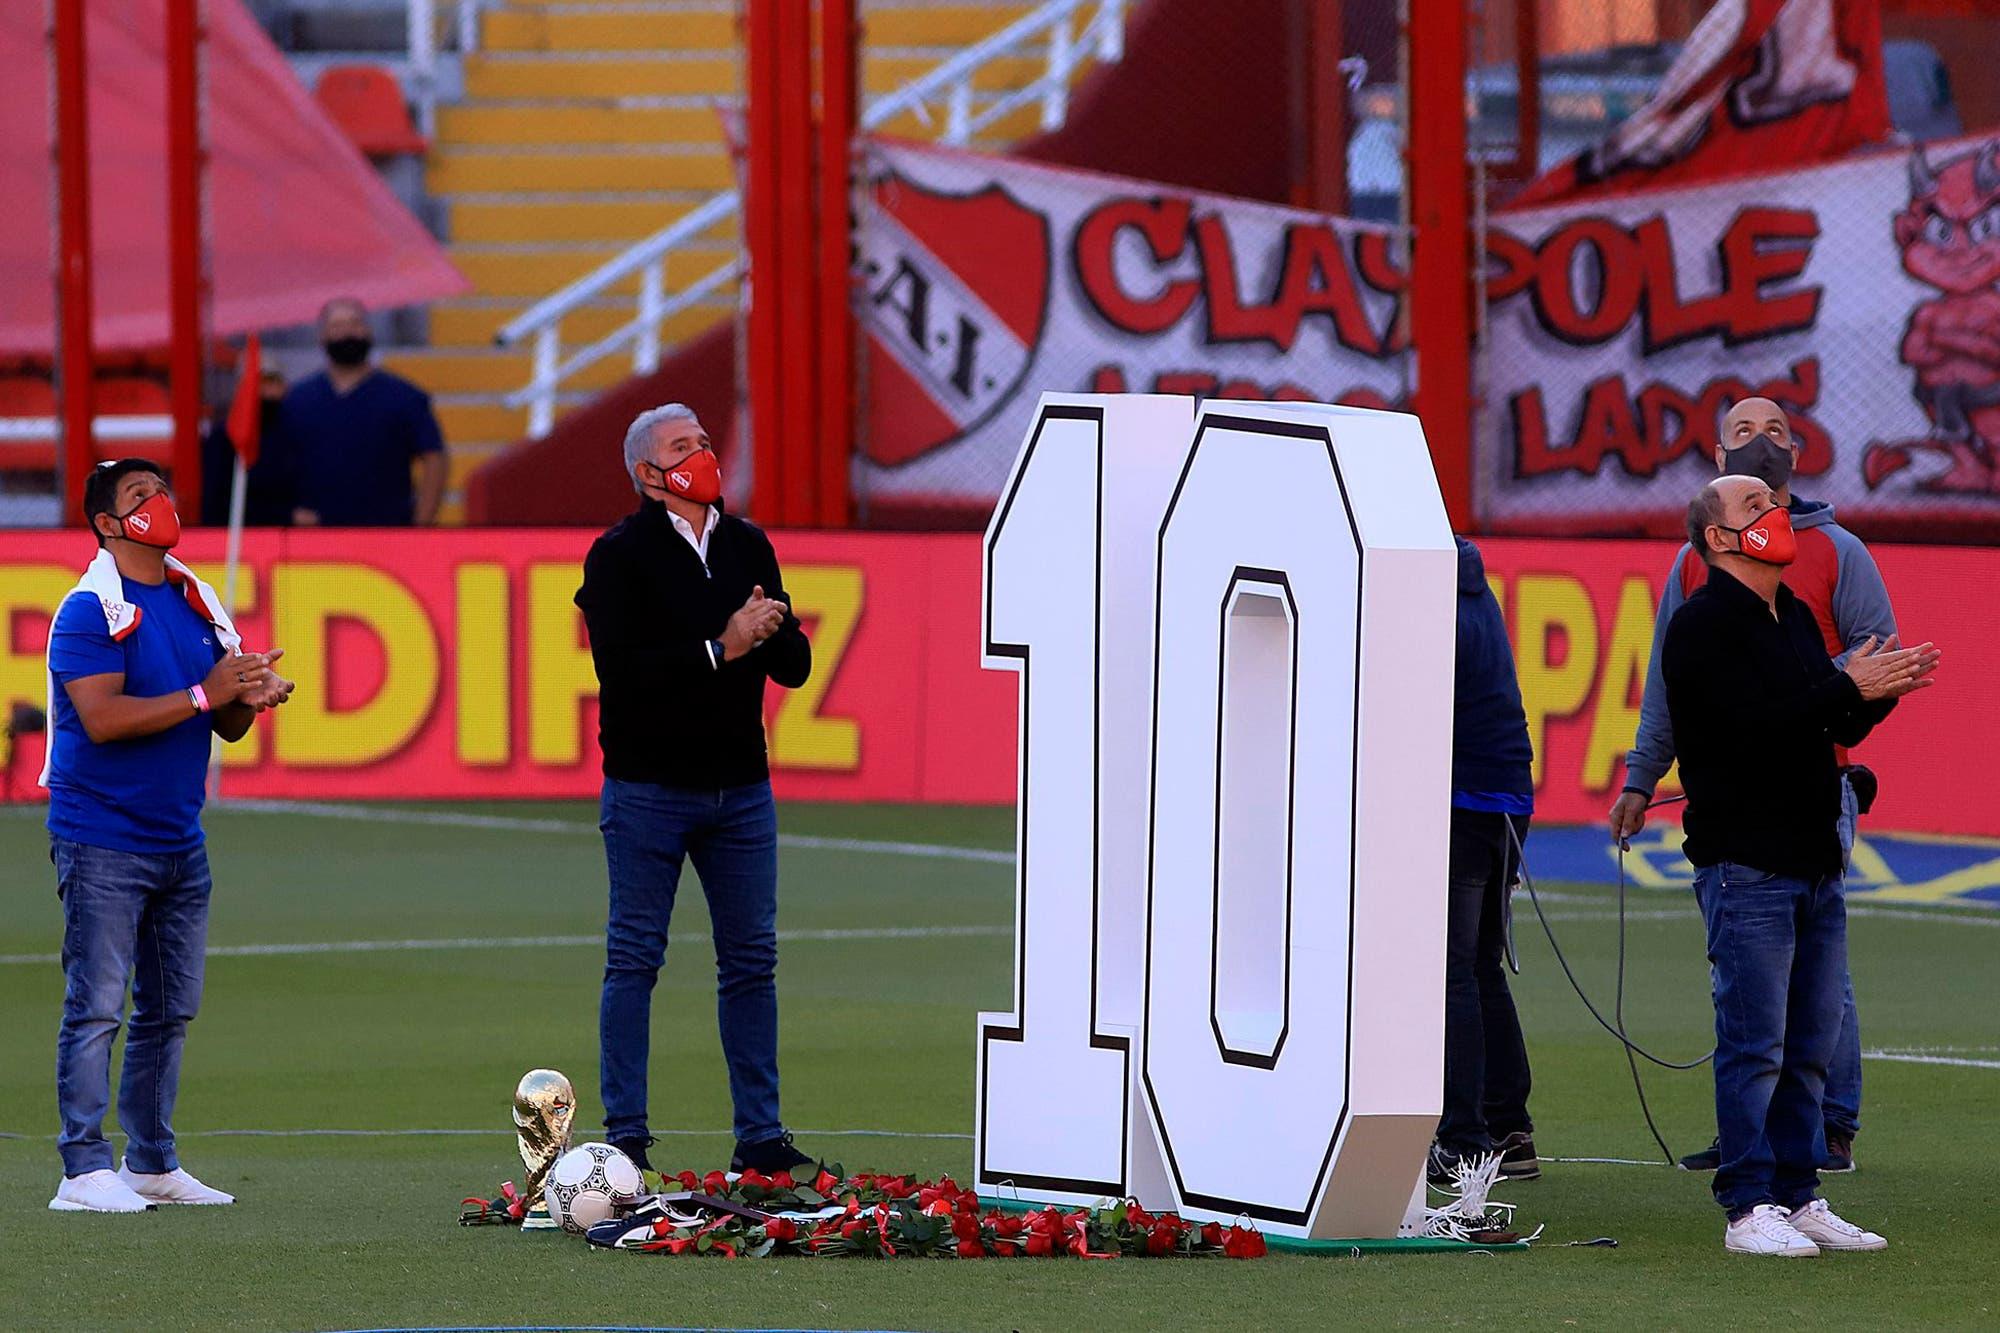 Diego Maradona. El emotivo homenaje de Independiente al ídolo, con Jorge Burruchaga y Ricardo Bochini